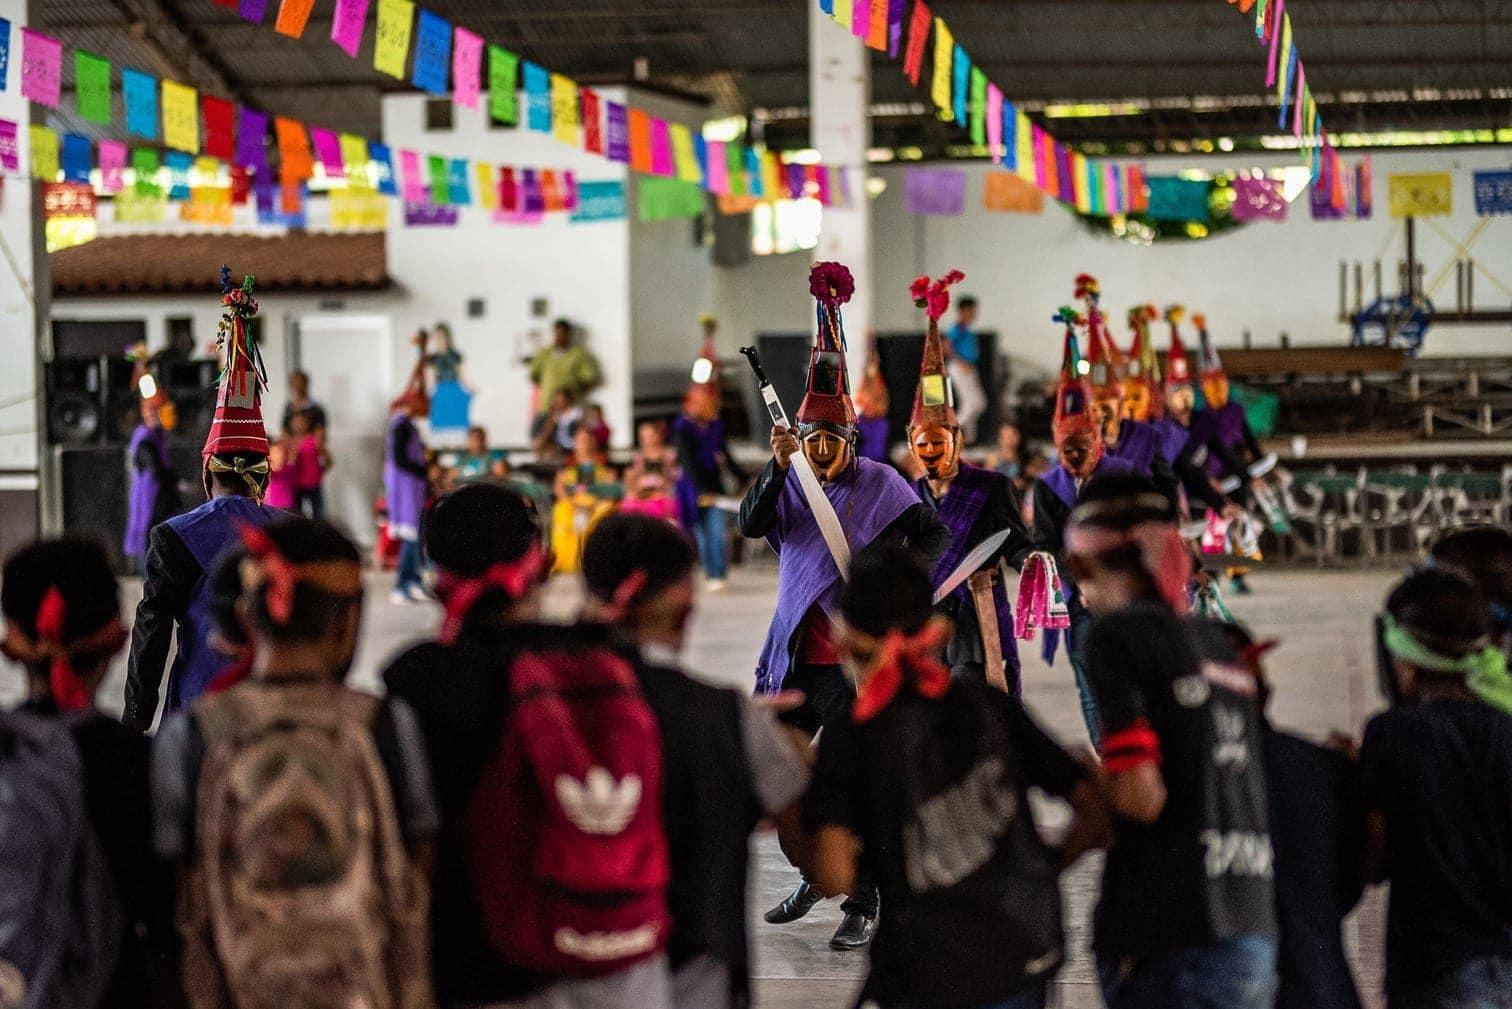 <p>Jedes Jahr soll das Fest ein Bündnis zwischen Mensch und Tier darstellen.</p> Foto: dpa